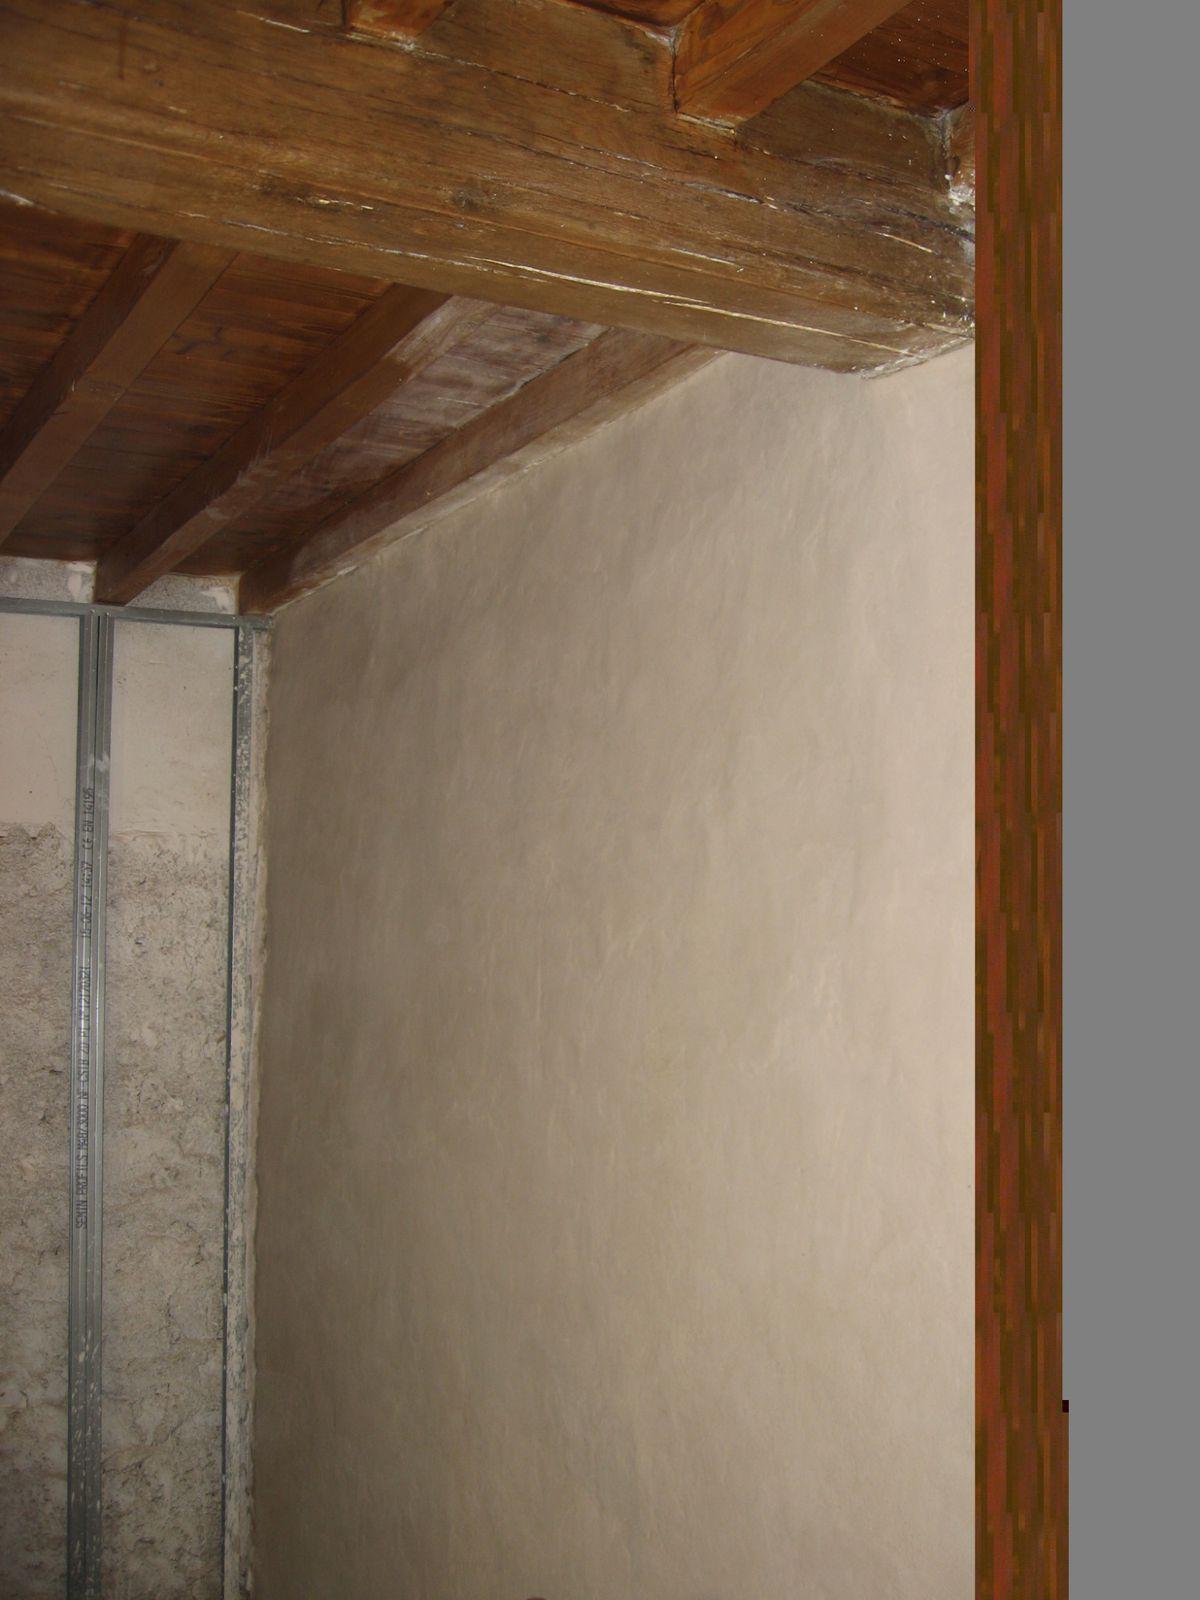 Chambre enduit la chaux du mur en pis r novation d - Pose de chambre implantable technique ...